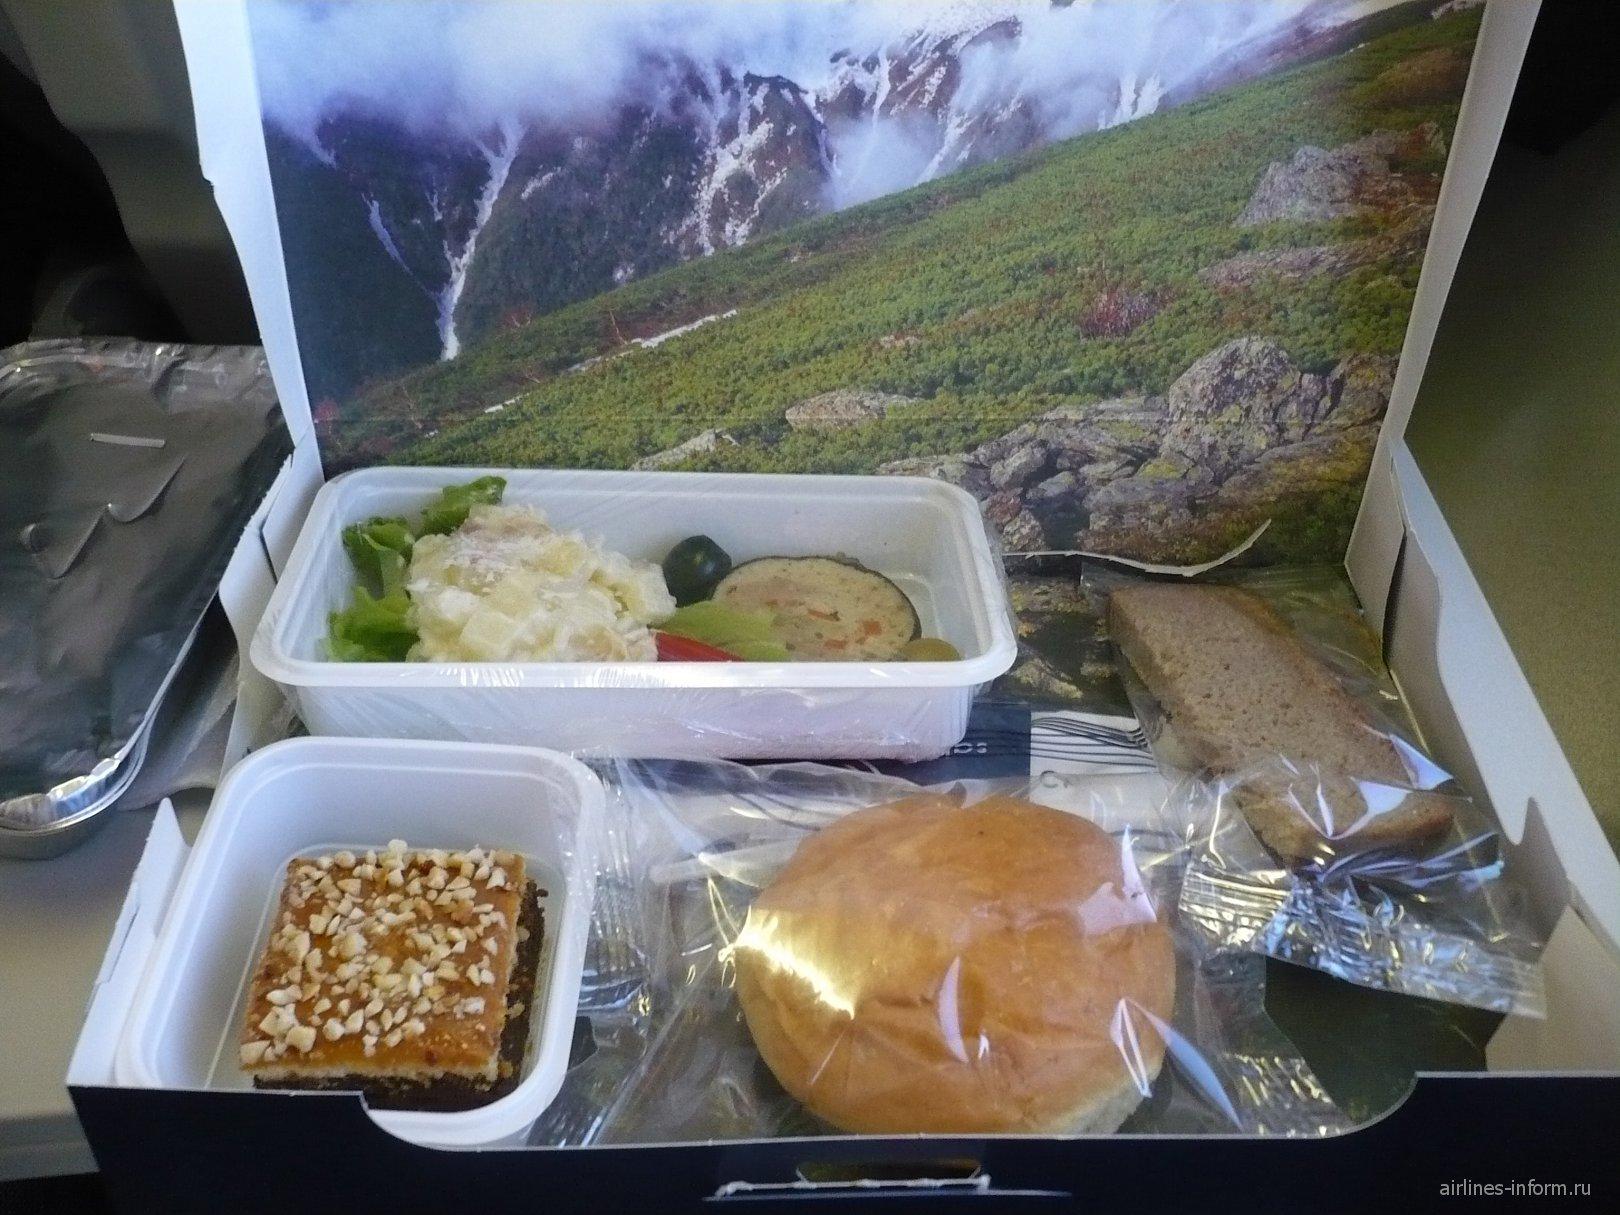 """Бортовое питание на рейсе Южно-Сахалинск - Сеул авиакомпании """"Аврора"""""""